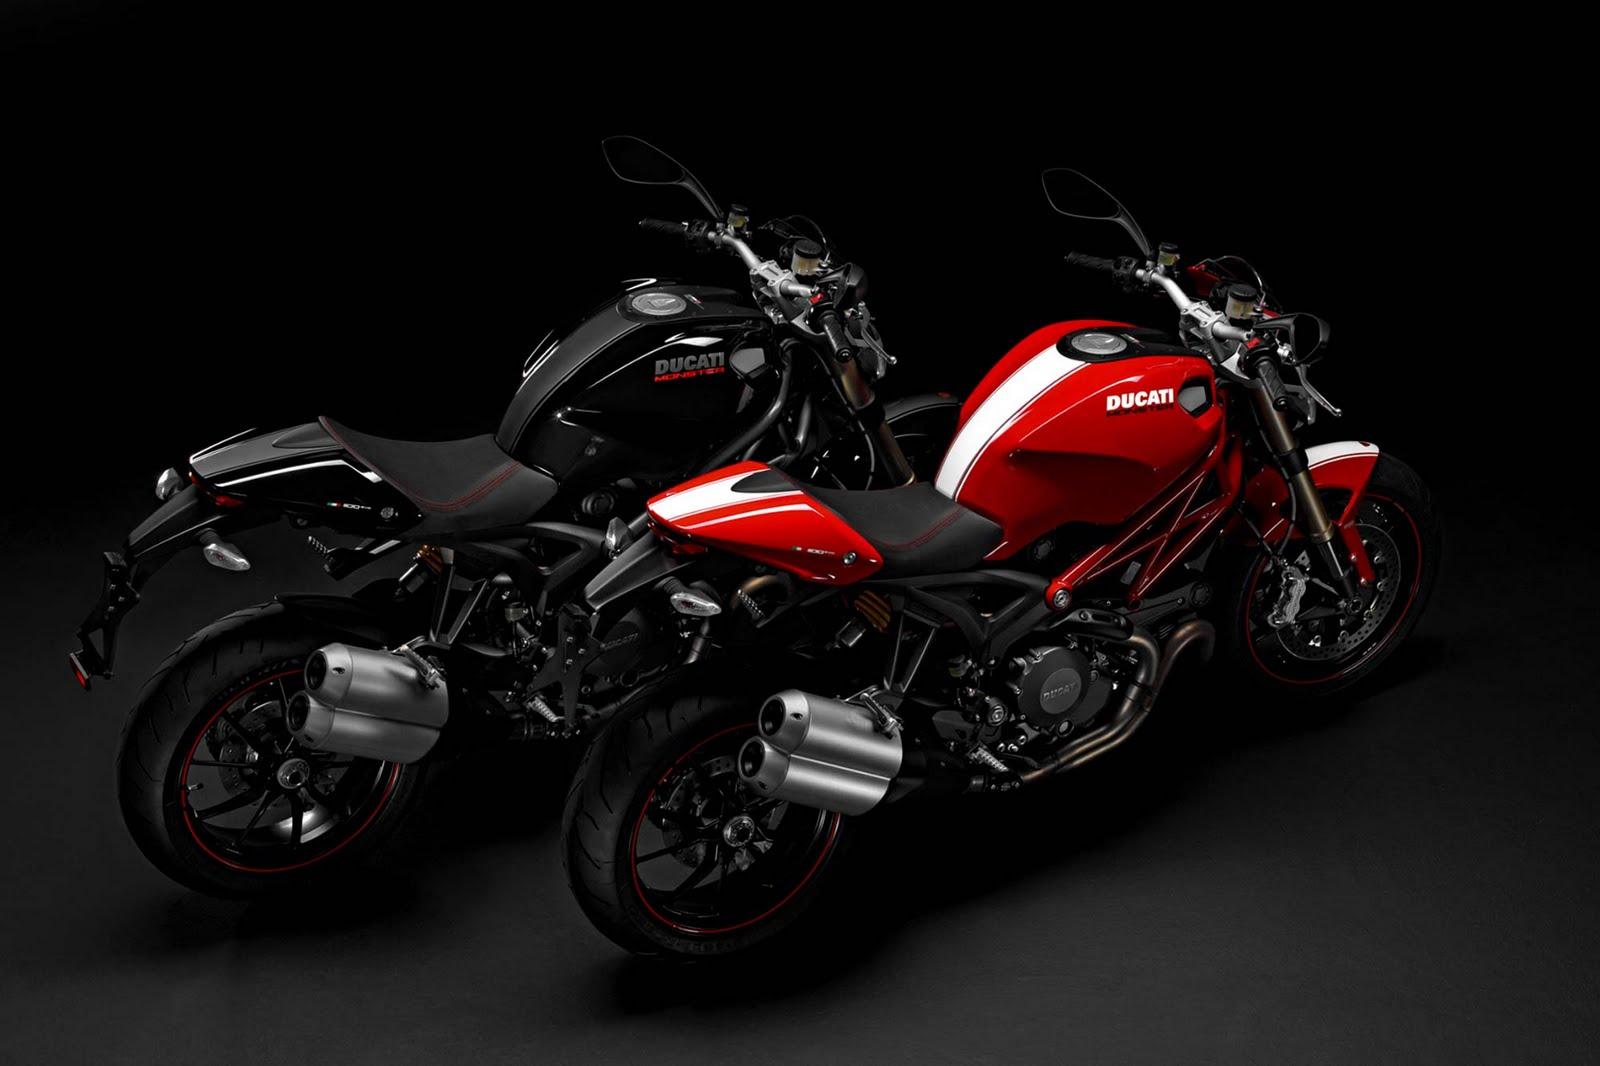 2011 Ducati Monster 1100